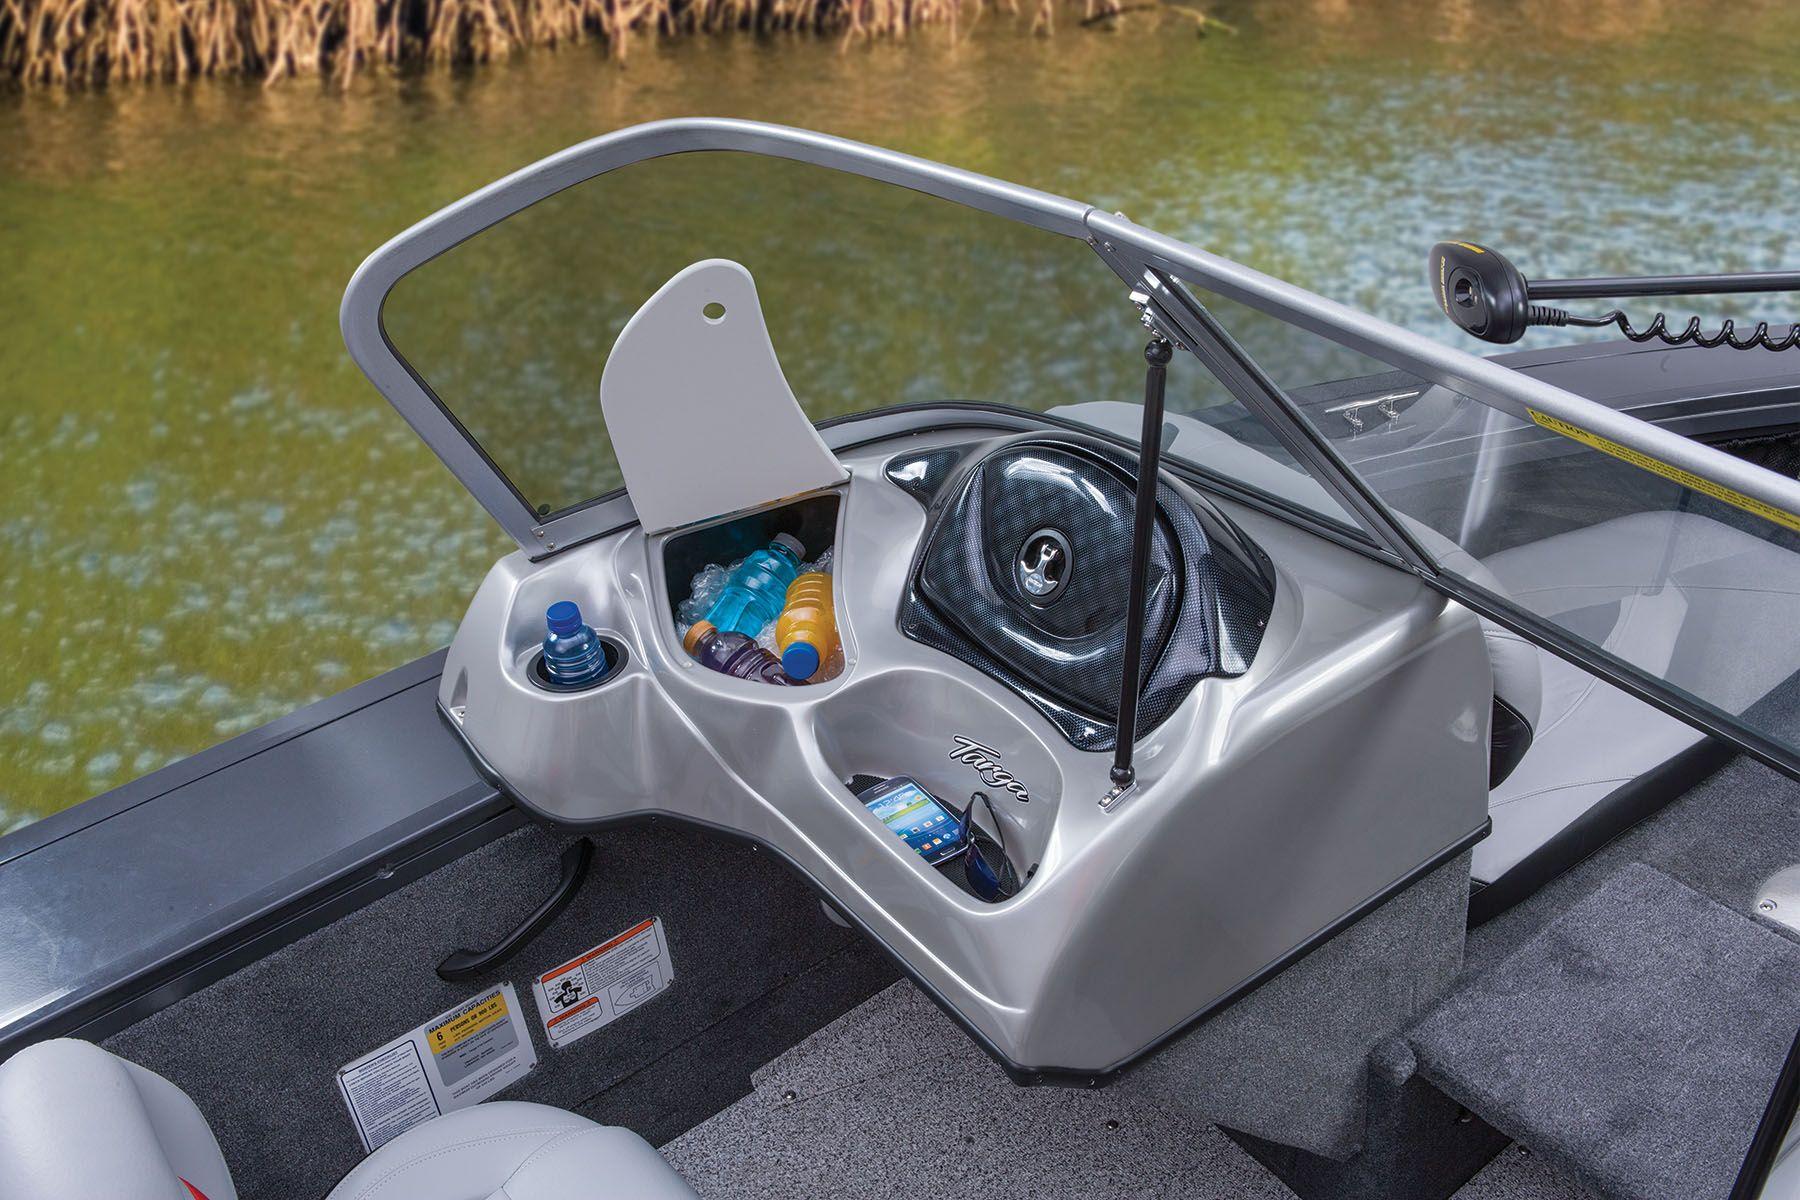 Pin by Jake christiansen on Fishing | Aluminum fishing boats